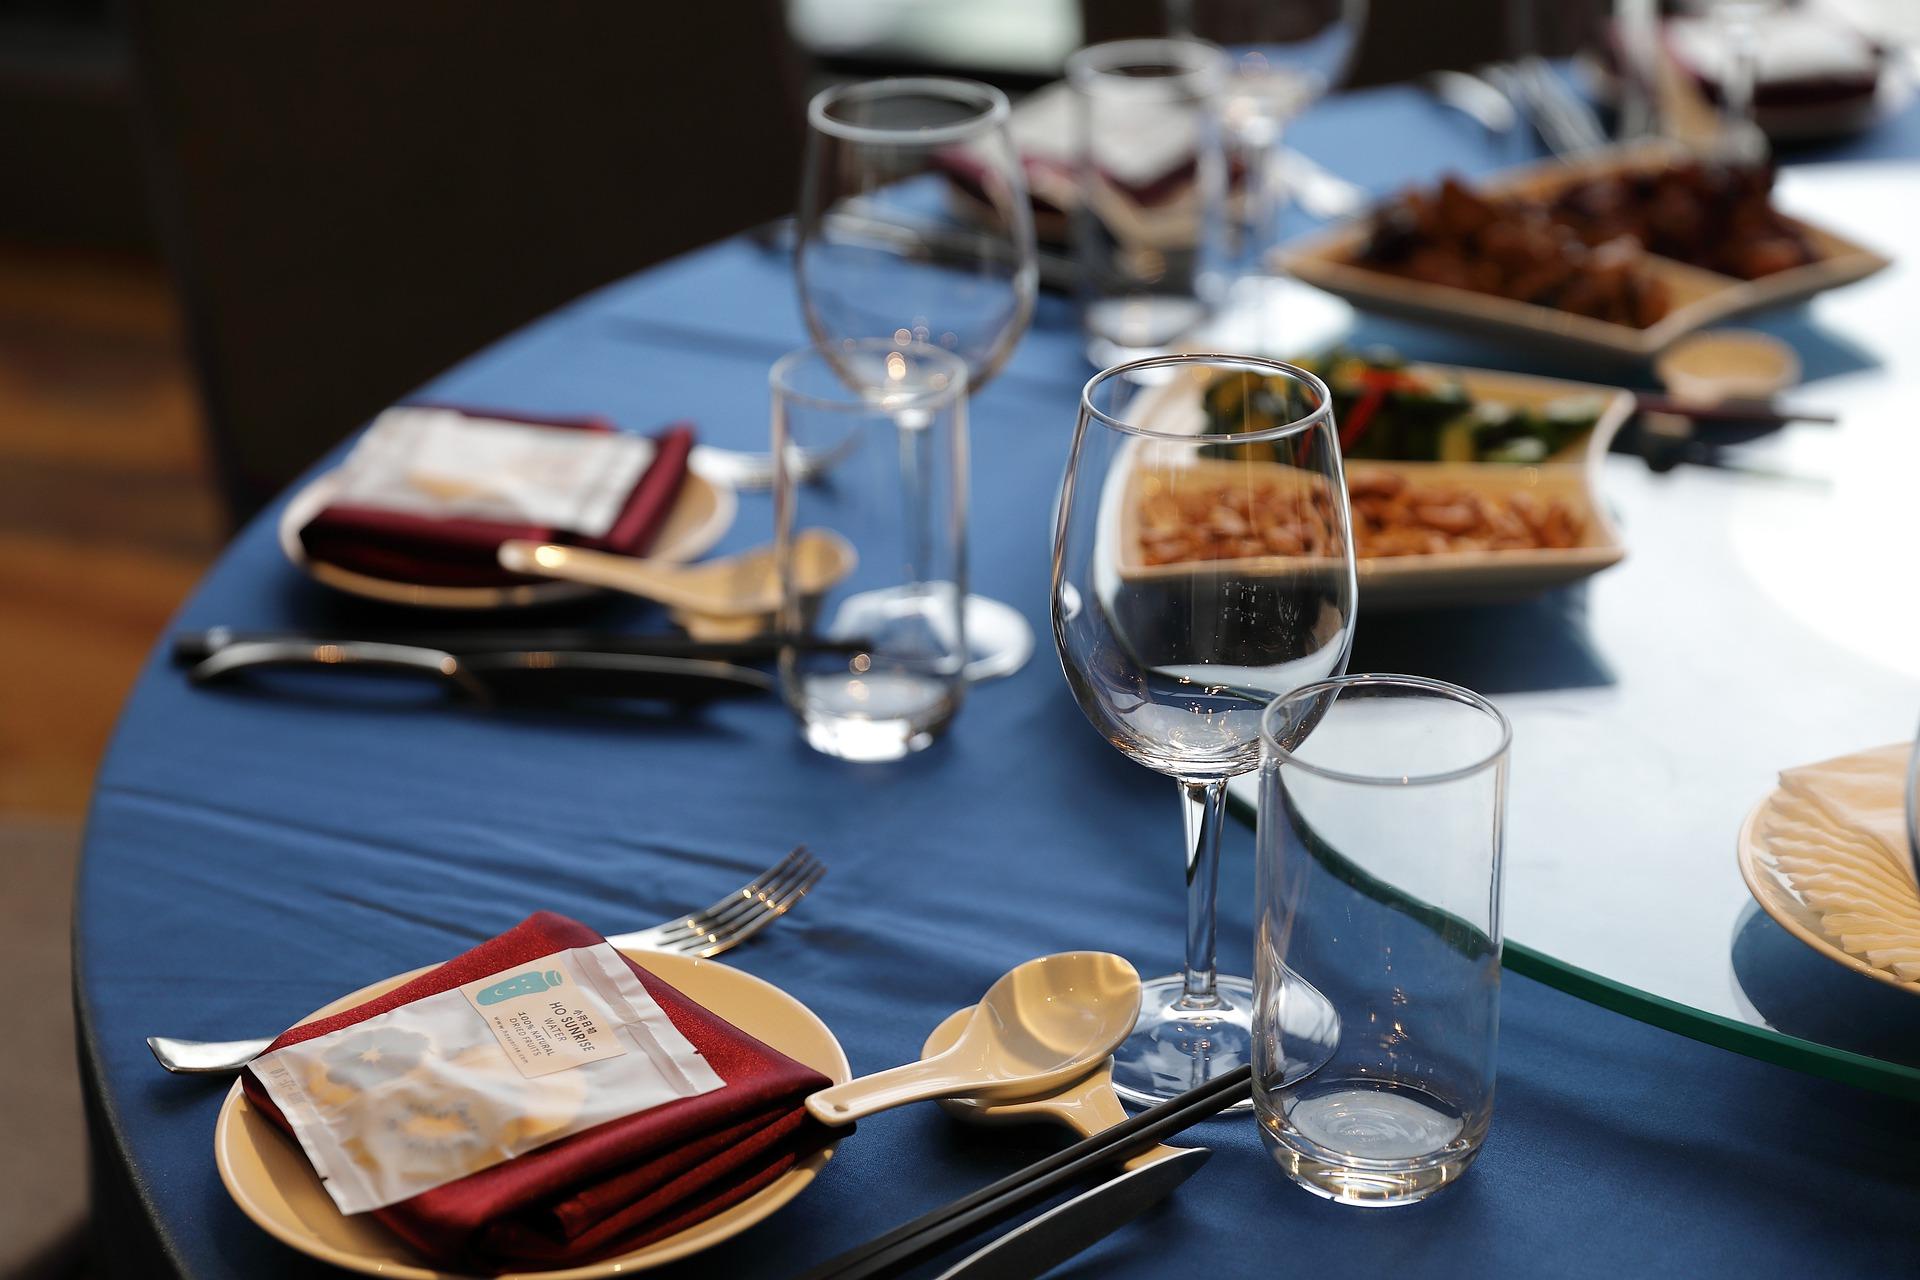 Dækket bord med blå dug, service, vinglas og bordpynt